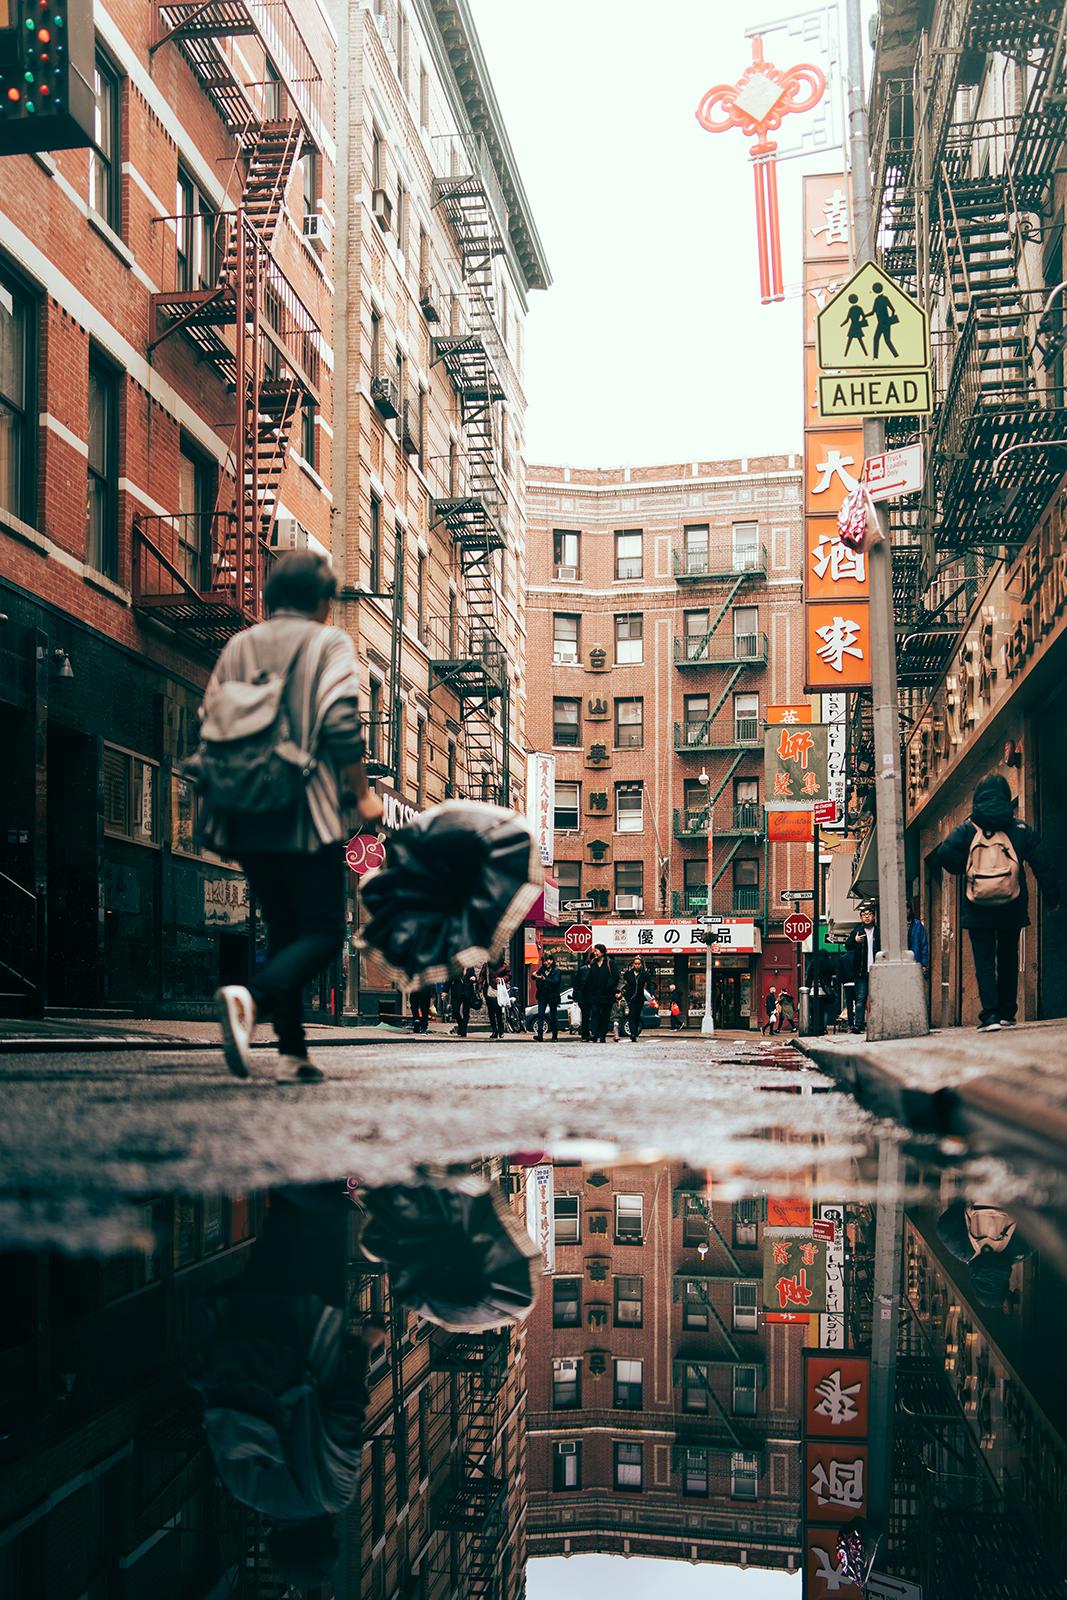 straat in stad met hoge gebouwen met mensen en reflecties in plas